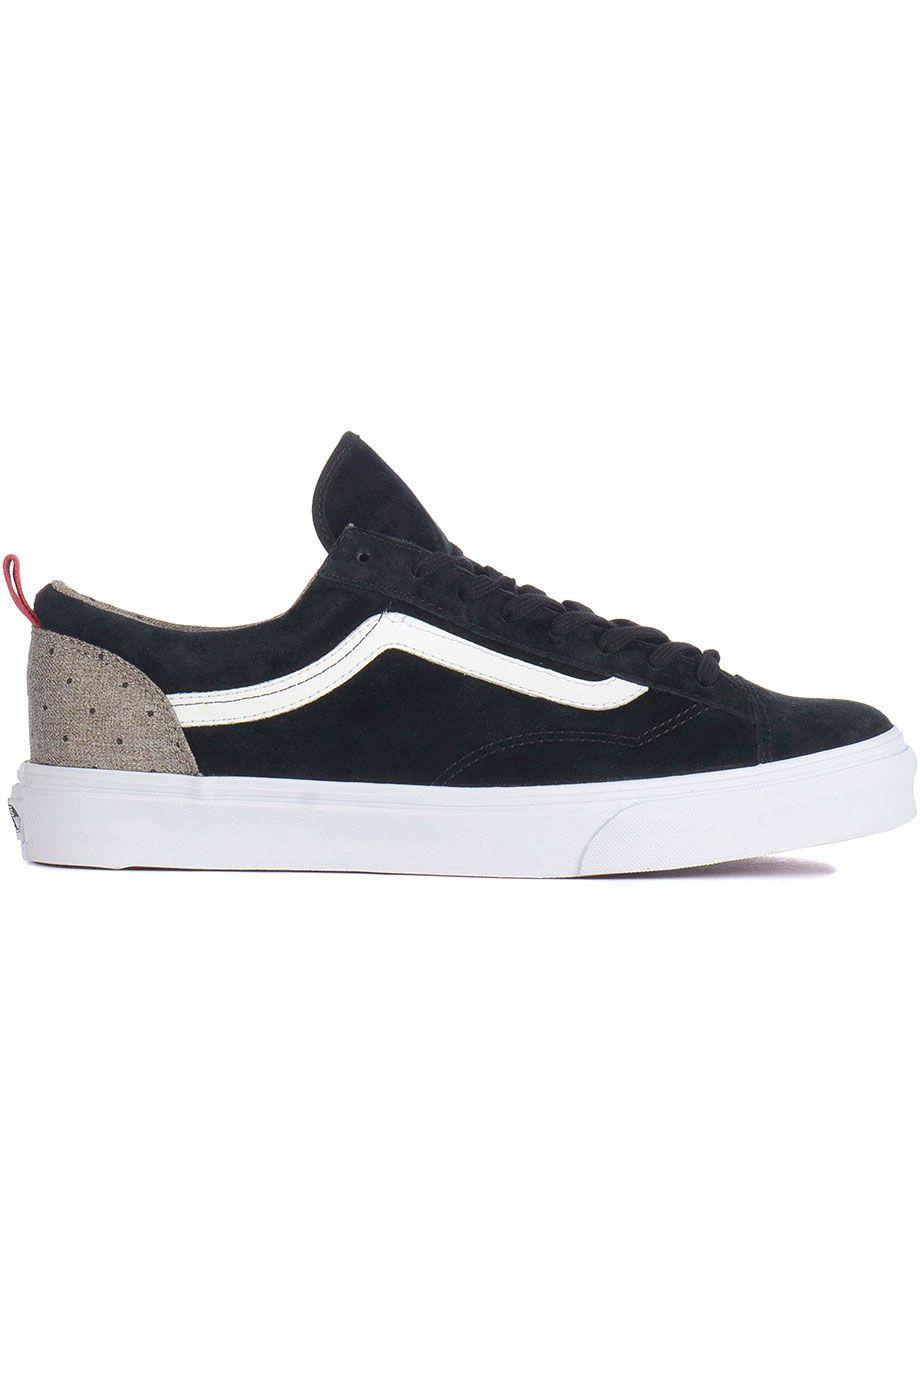 334012493e9 Trendy Vans Style 36 Black (zwart) Heren sneakers van het merk vans .  Uitgevoerd